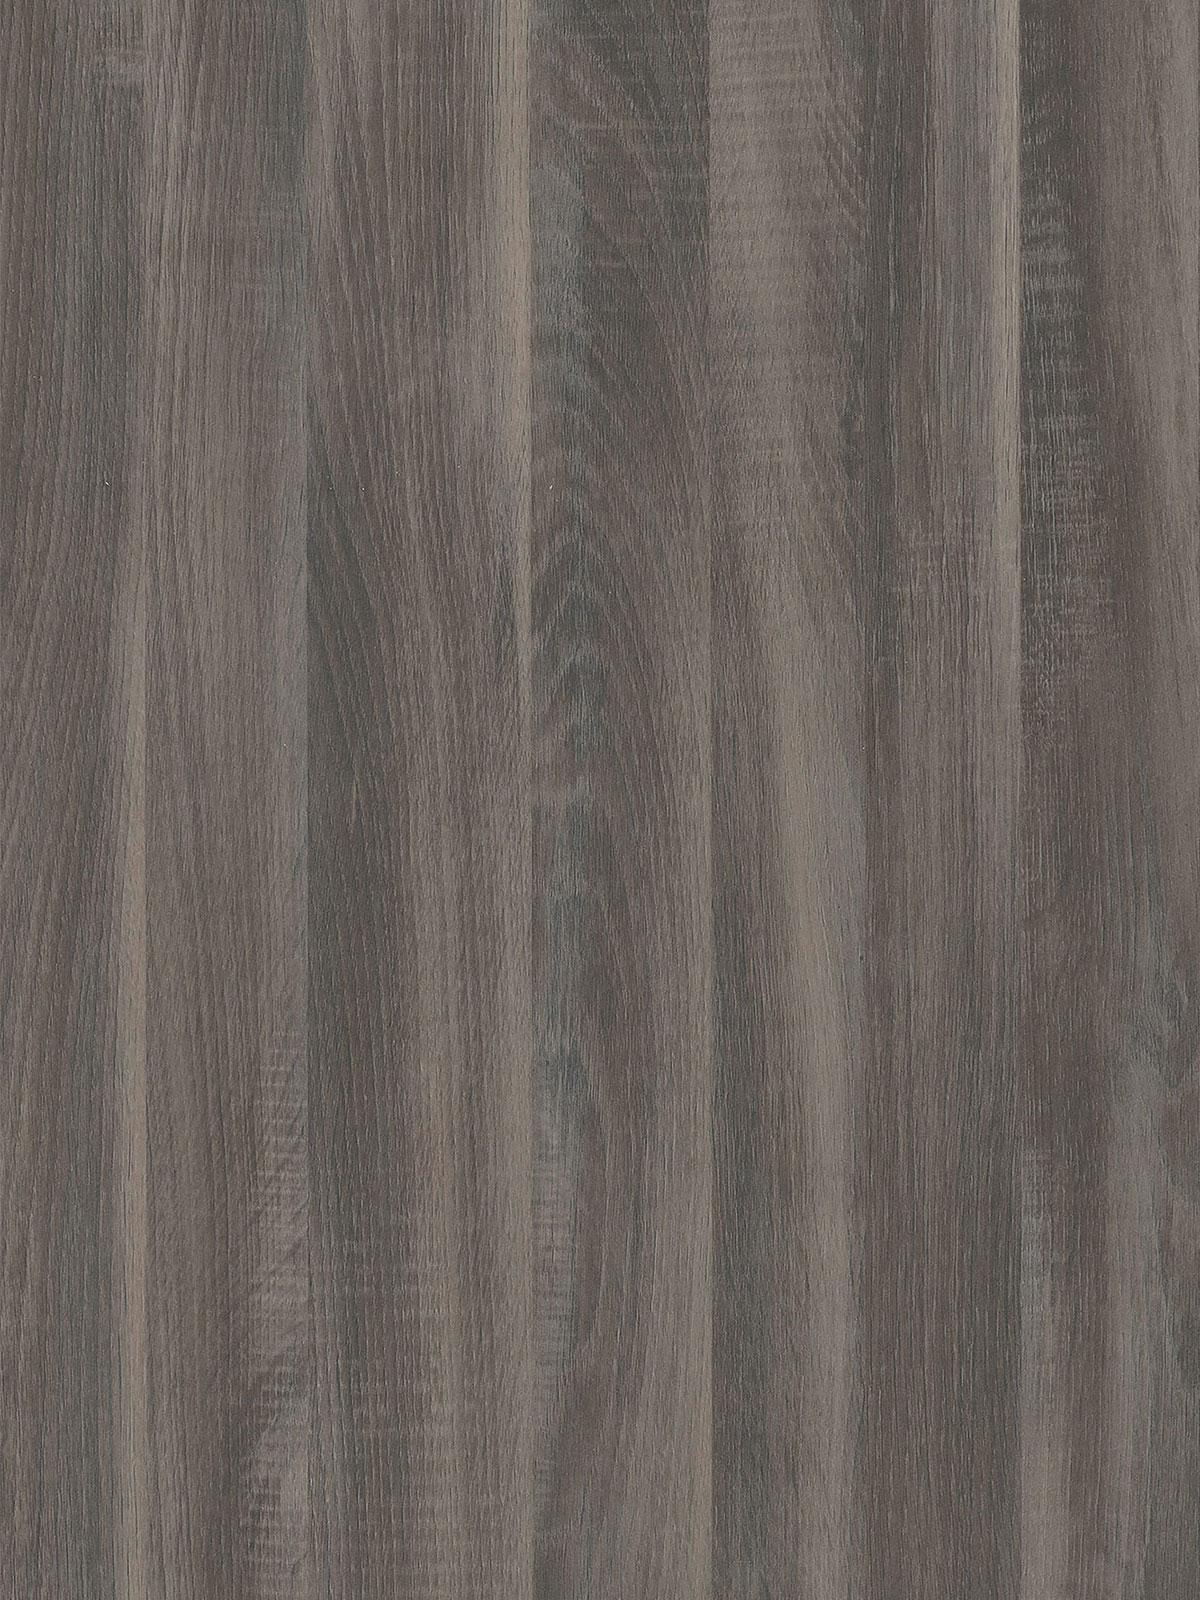 APLA Küchenarbeitsplatten GmbH 4365 Dakota Oak